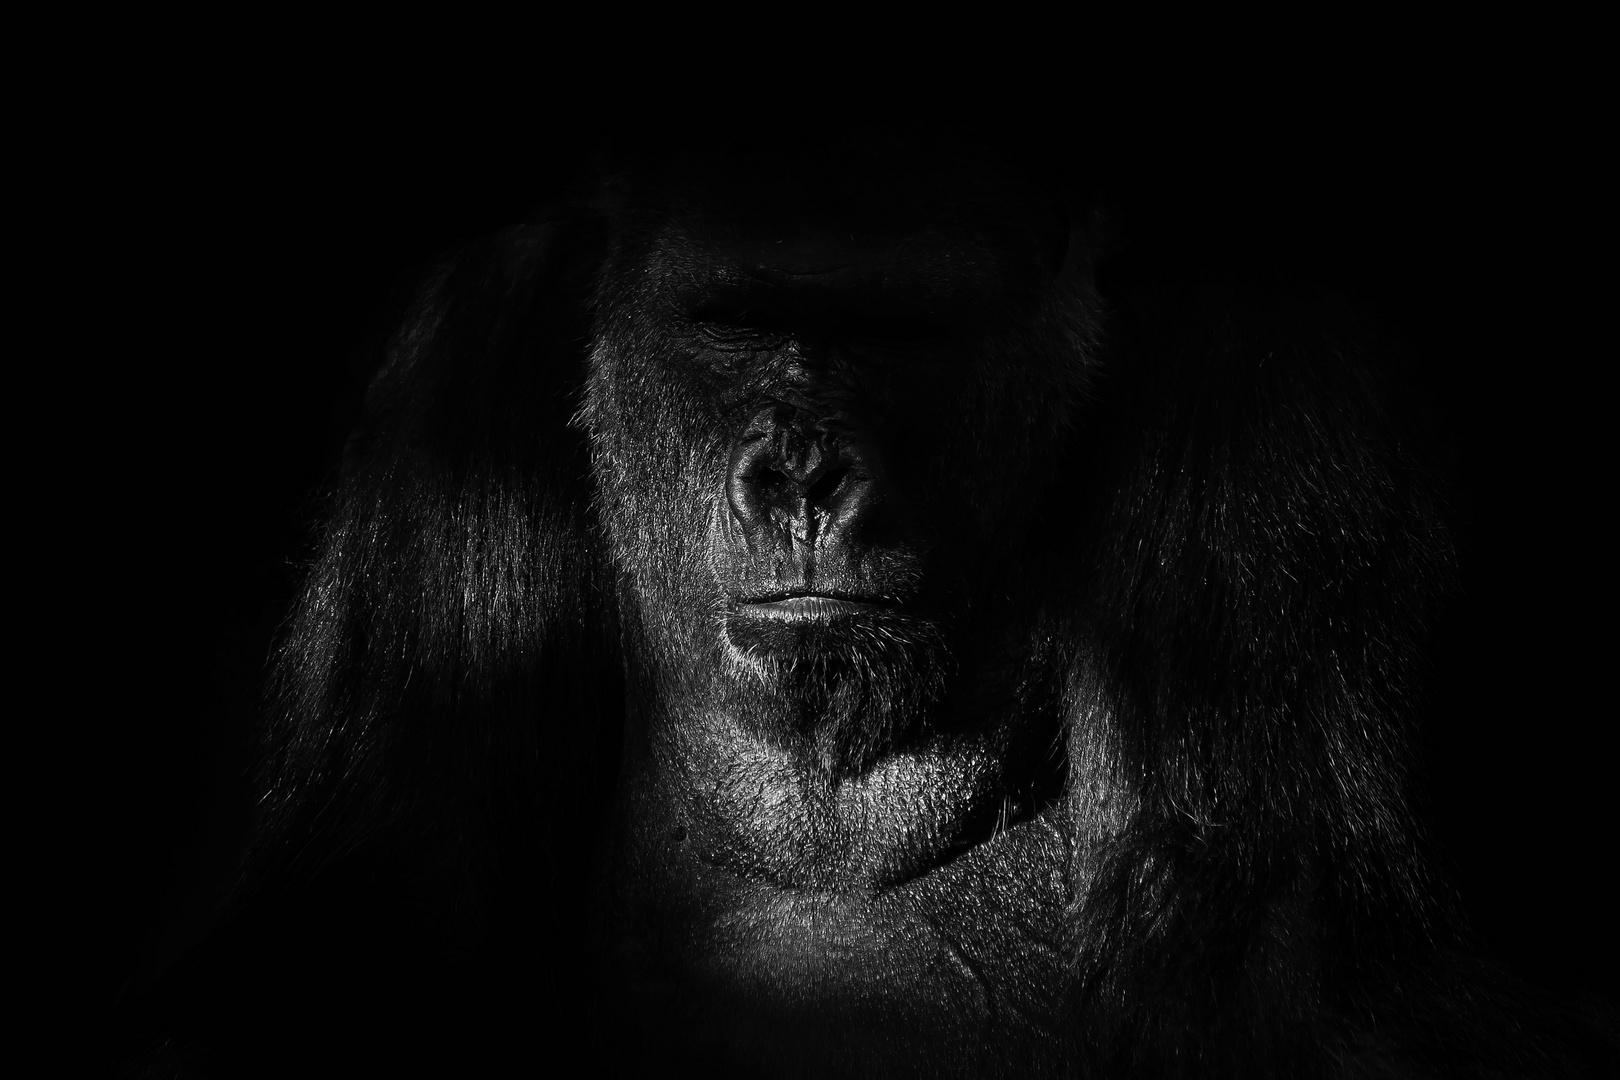 Gorilla - Low Key